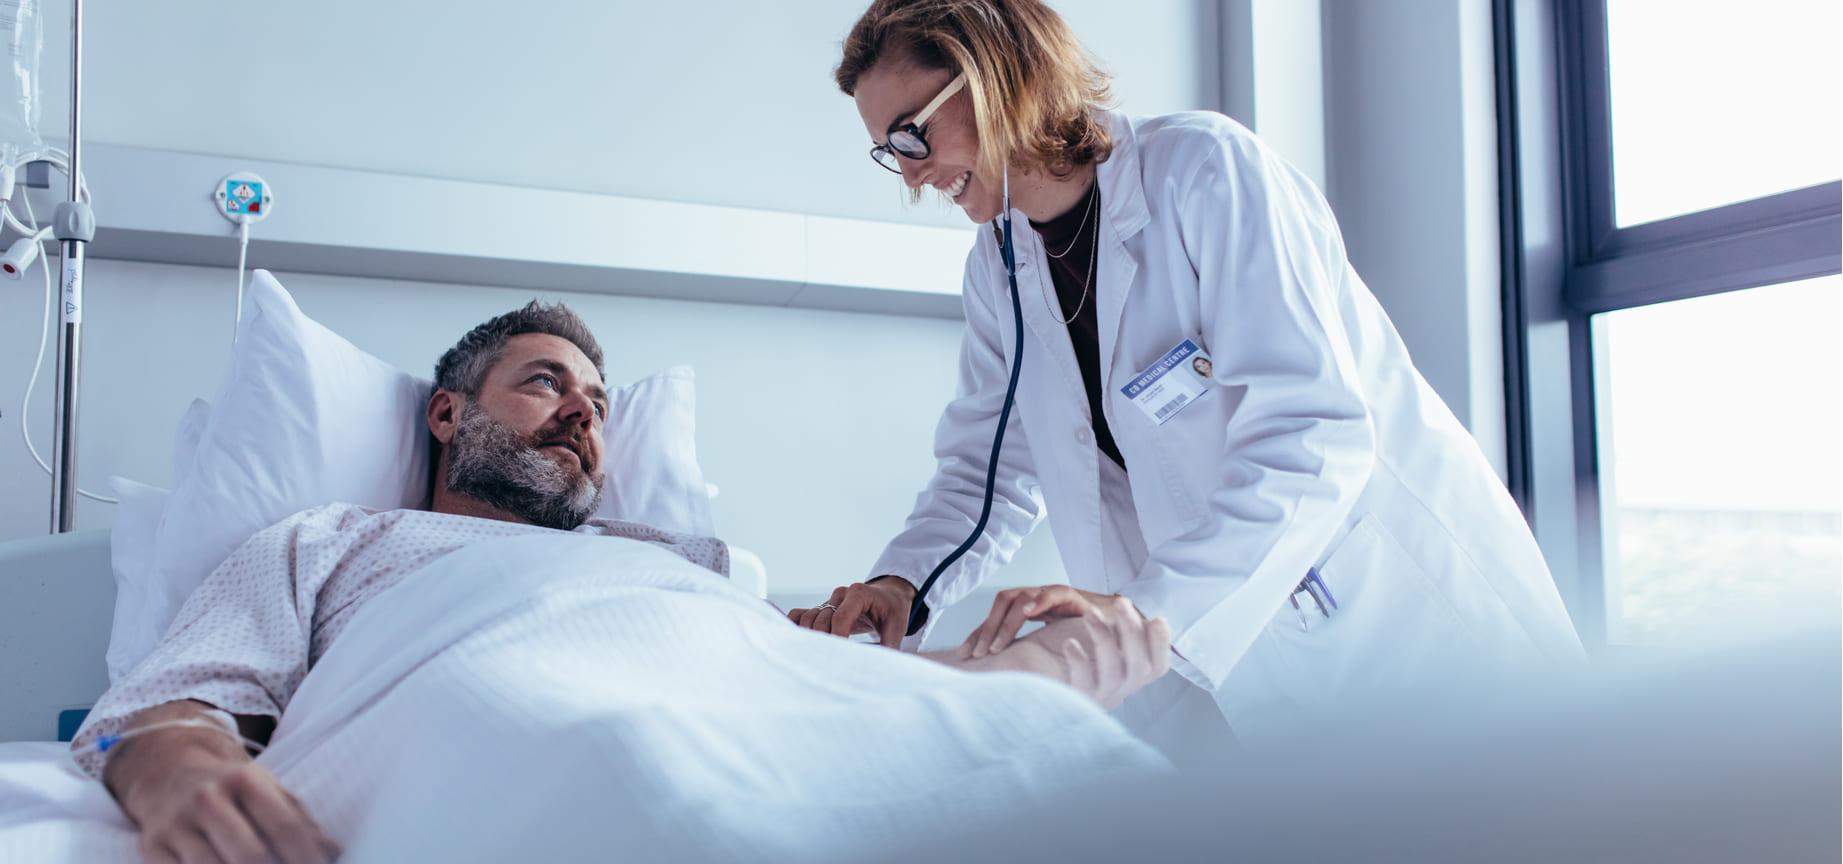 Intervención coronaria percutánea y las complicaciones hemorrágicas